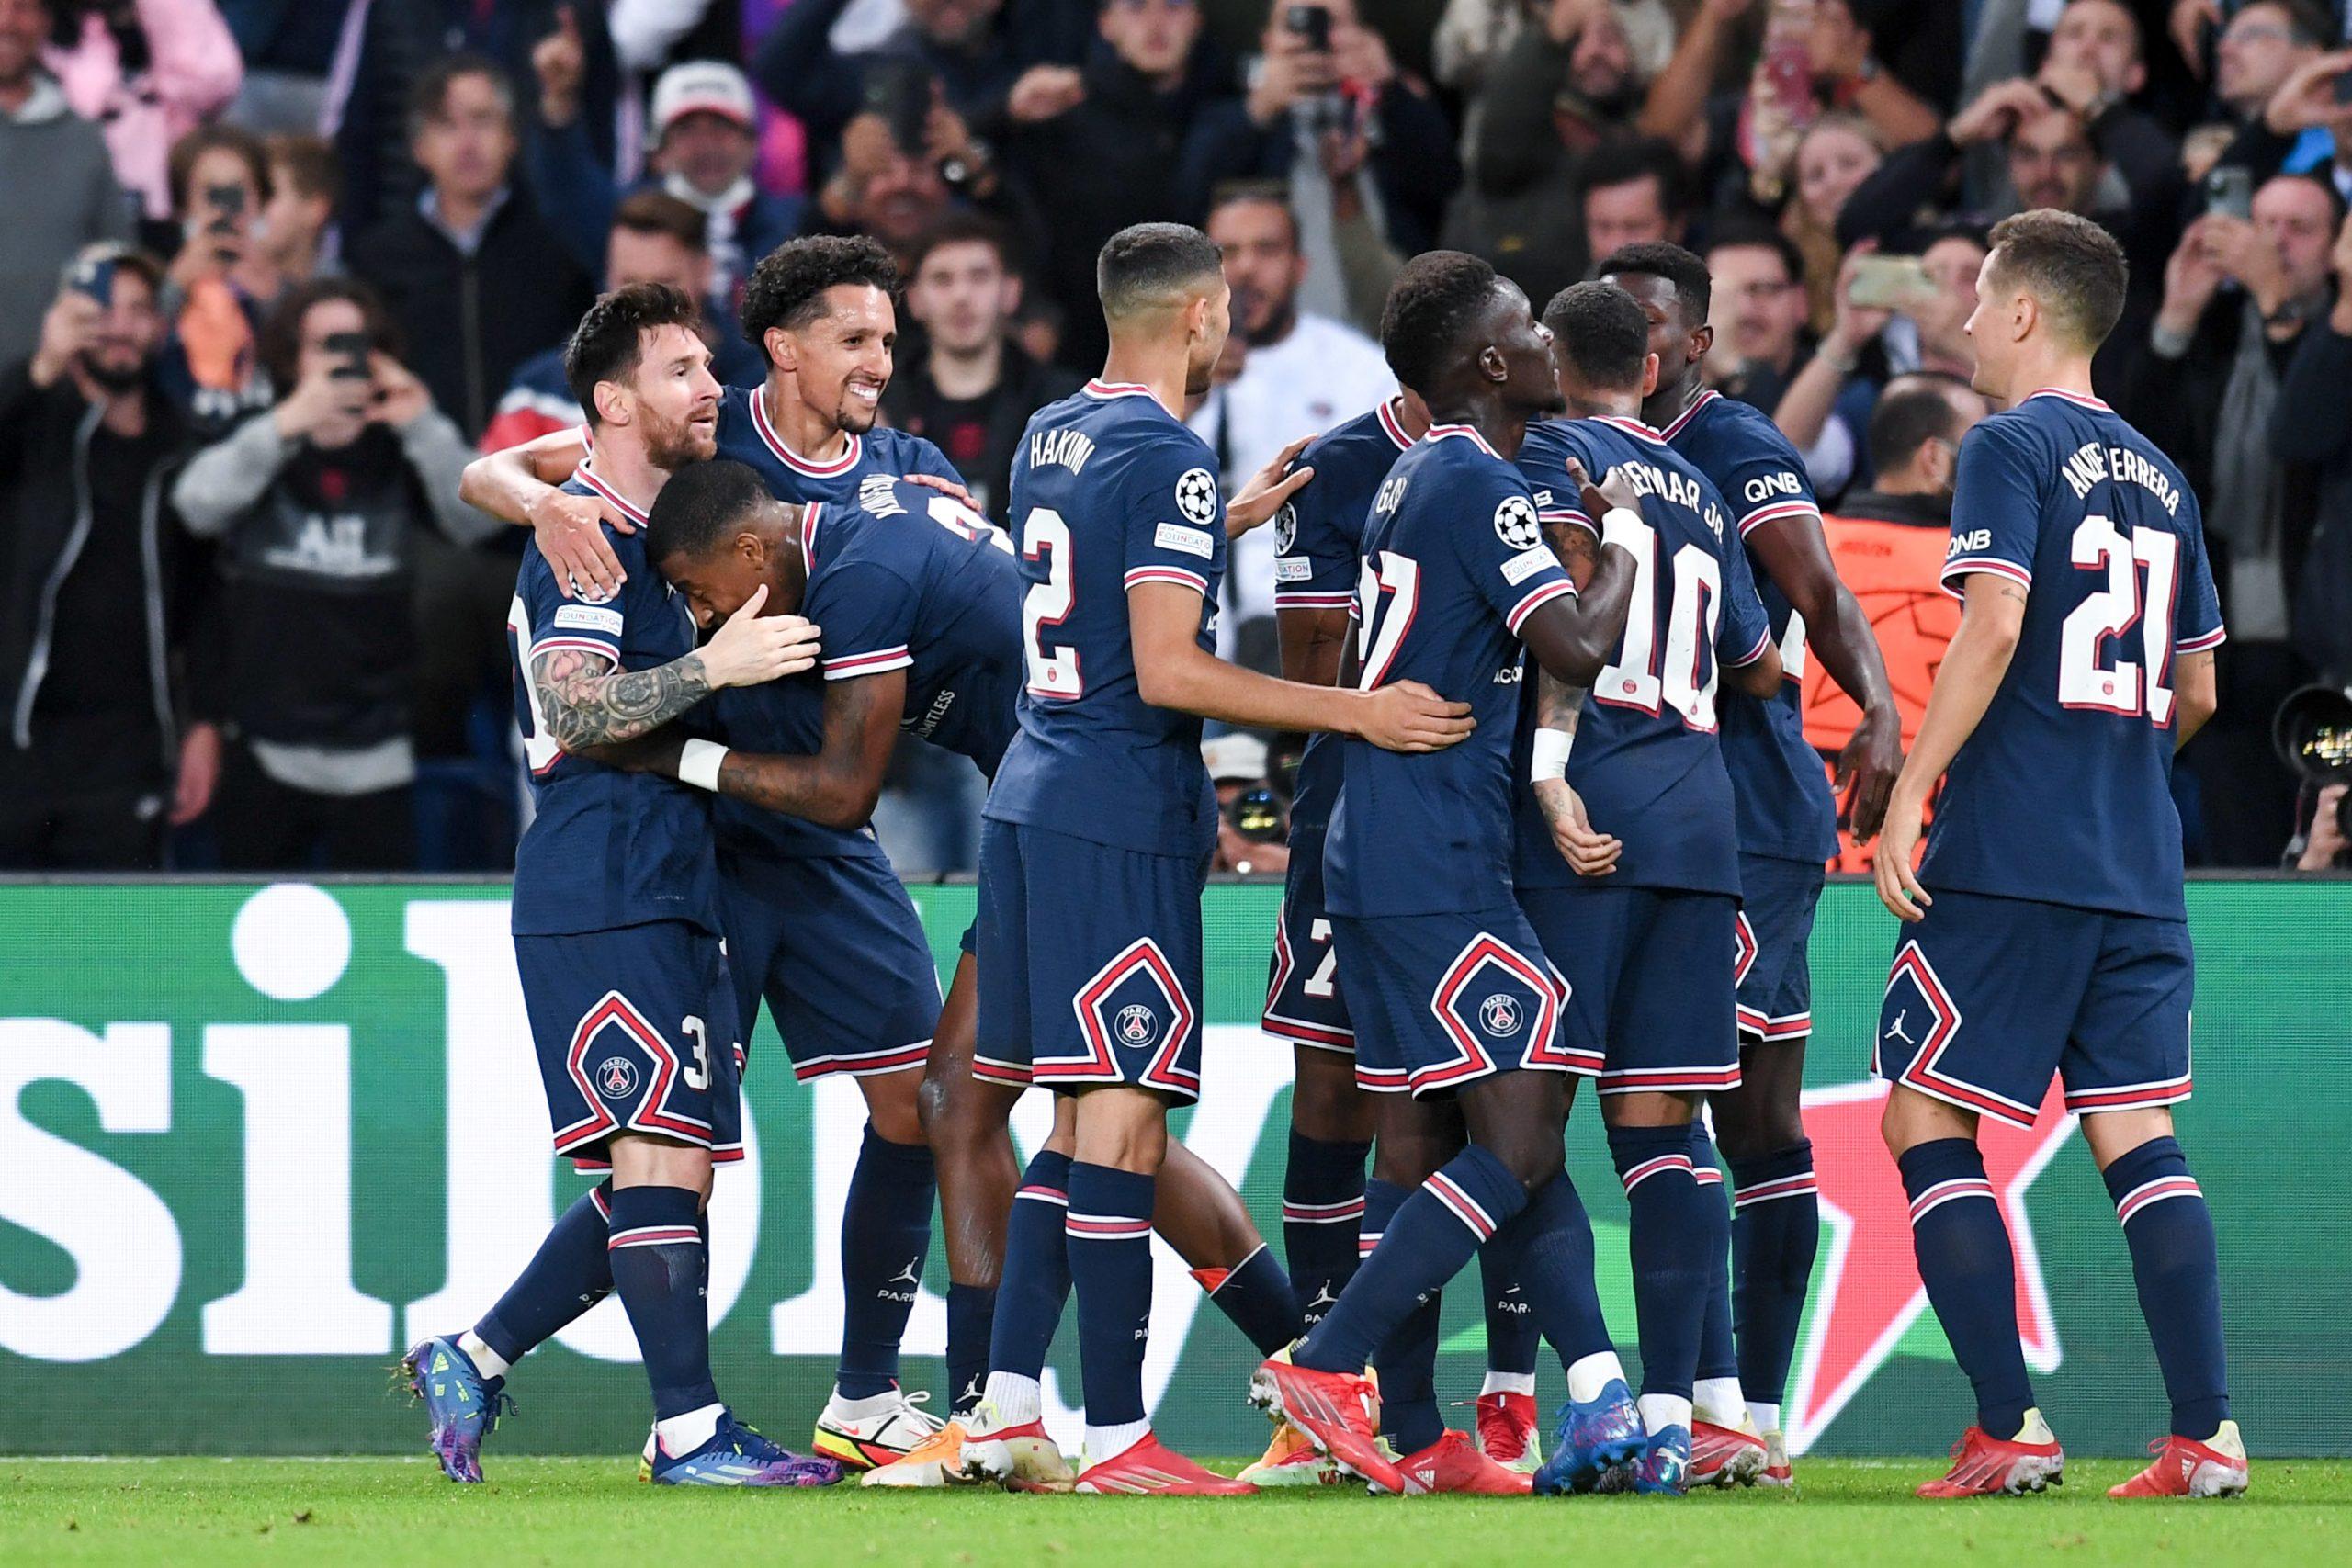 PSG/City - Qui a été le meilleur joueur parisien ?